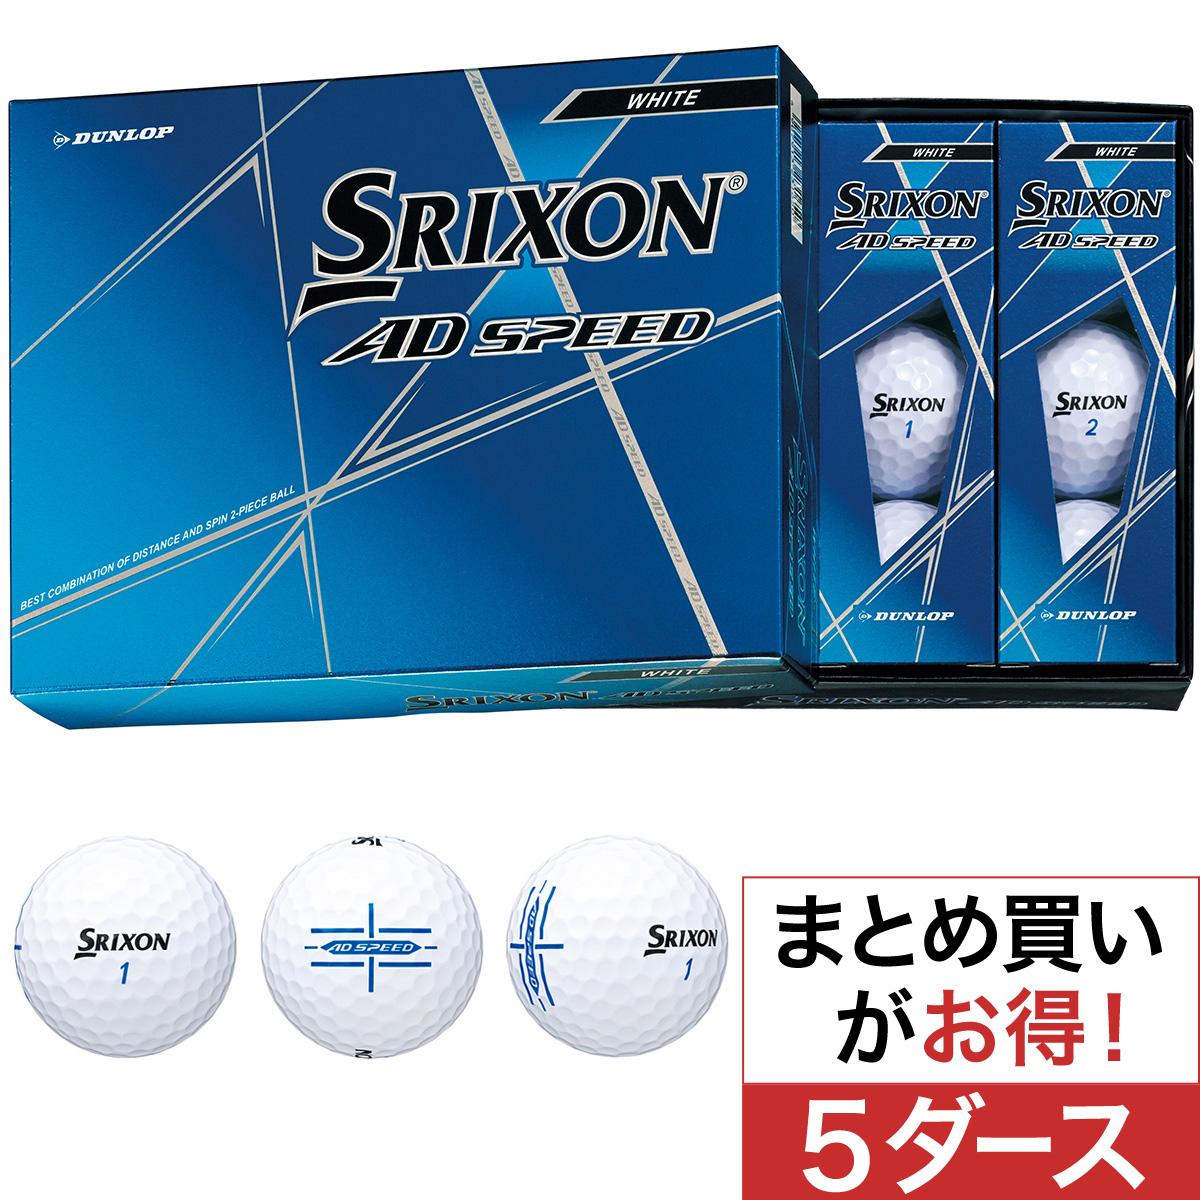 スリクソン AD SPEED ボール 5ダースセット